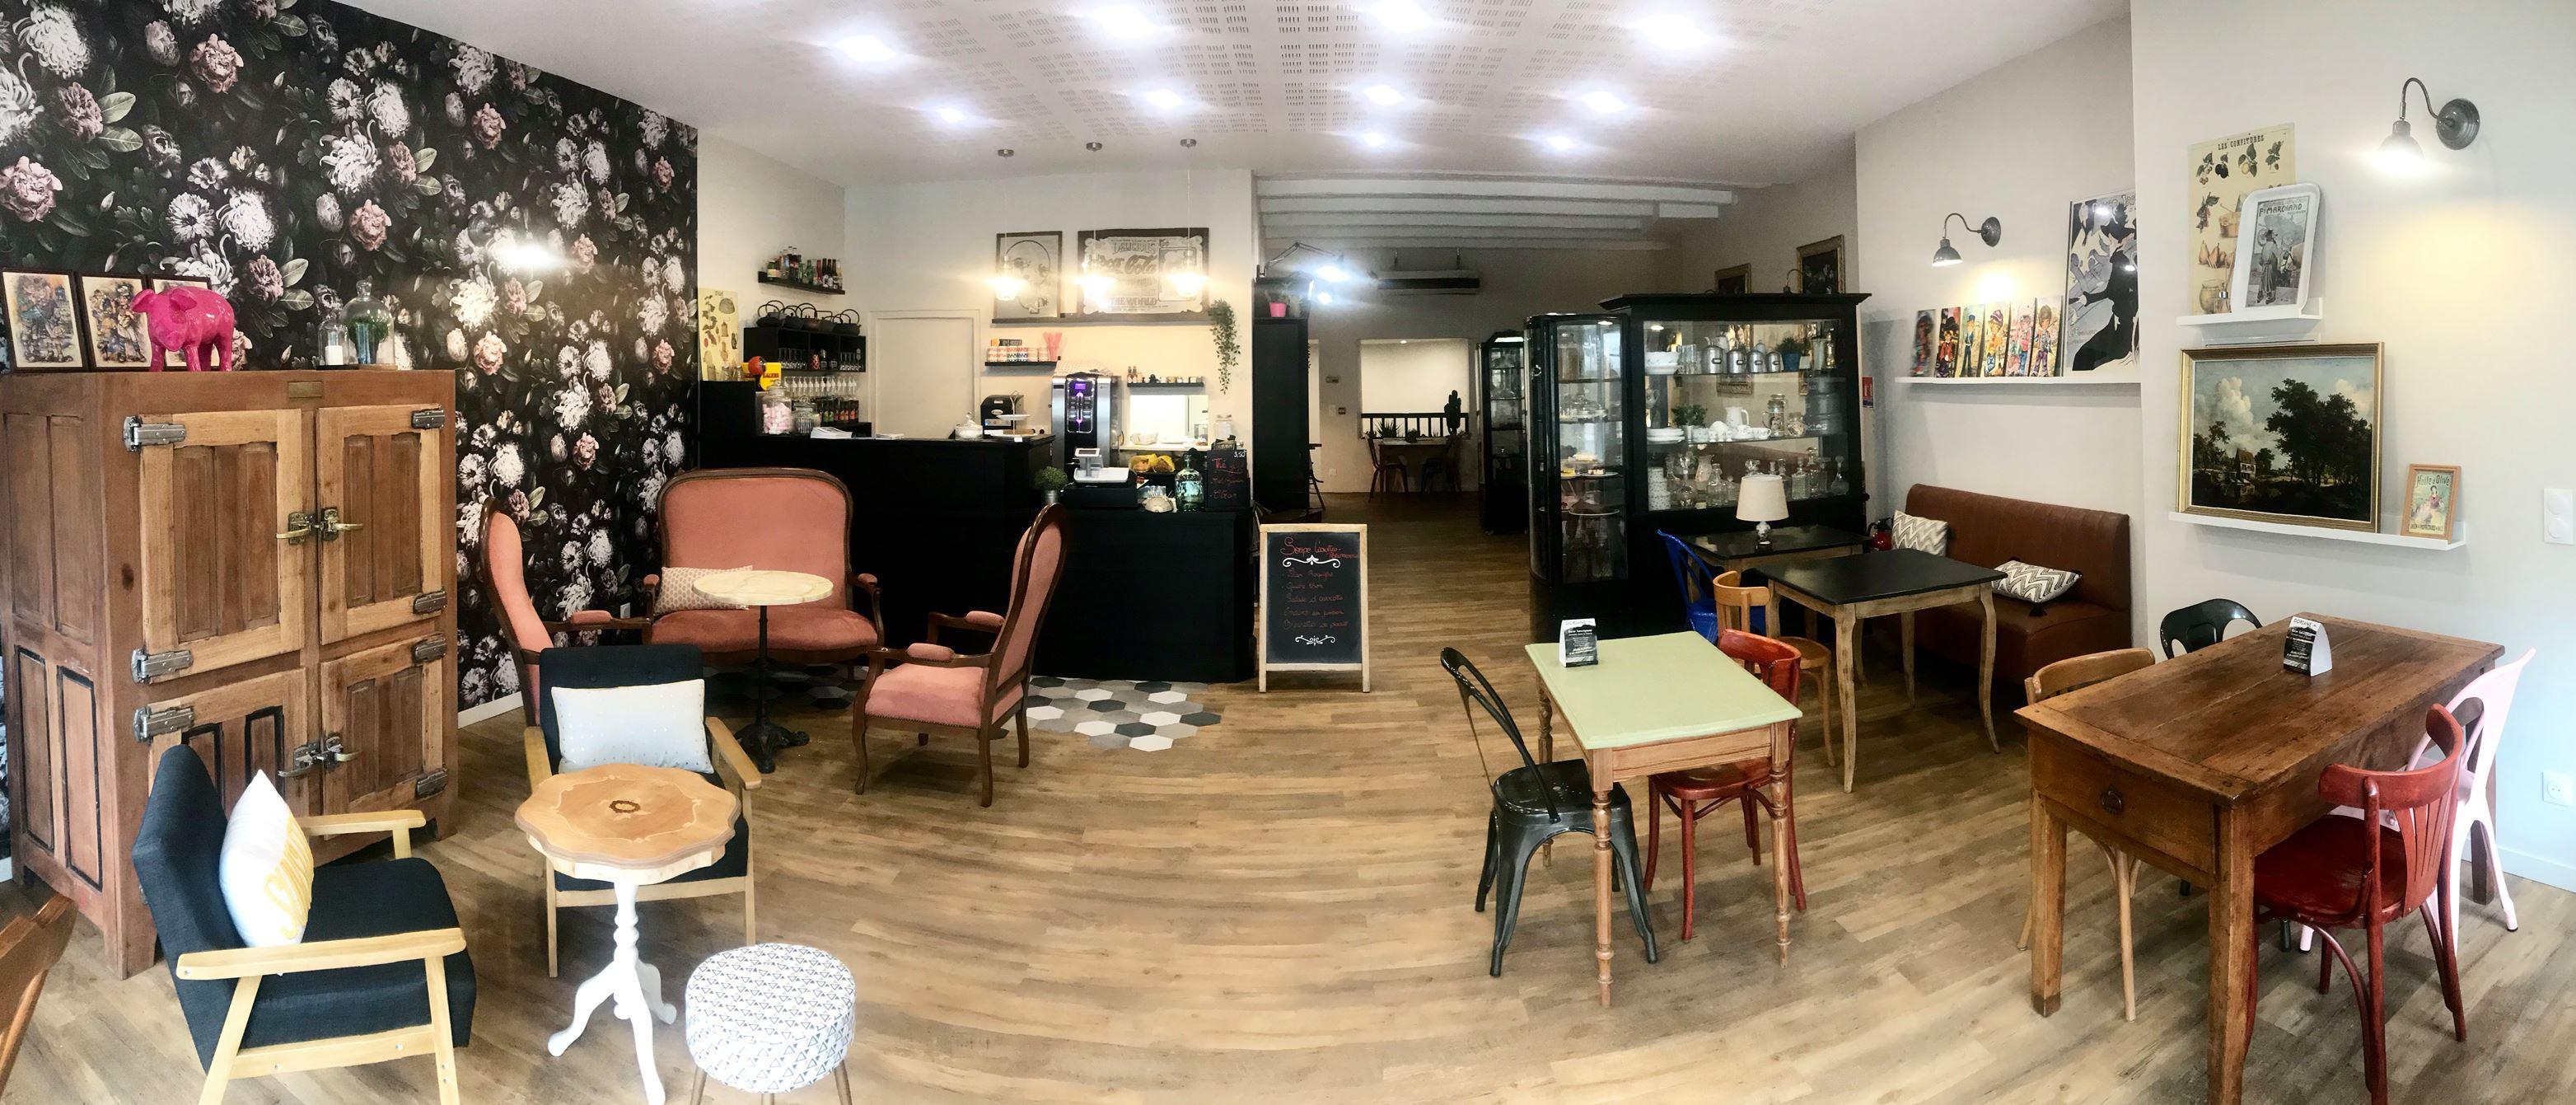 Clermont Ferrand Un Cafe Ou Meme Les Meubles Sont A Vendre Radio Scoop